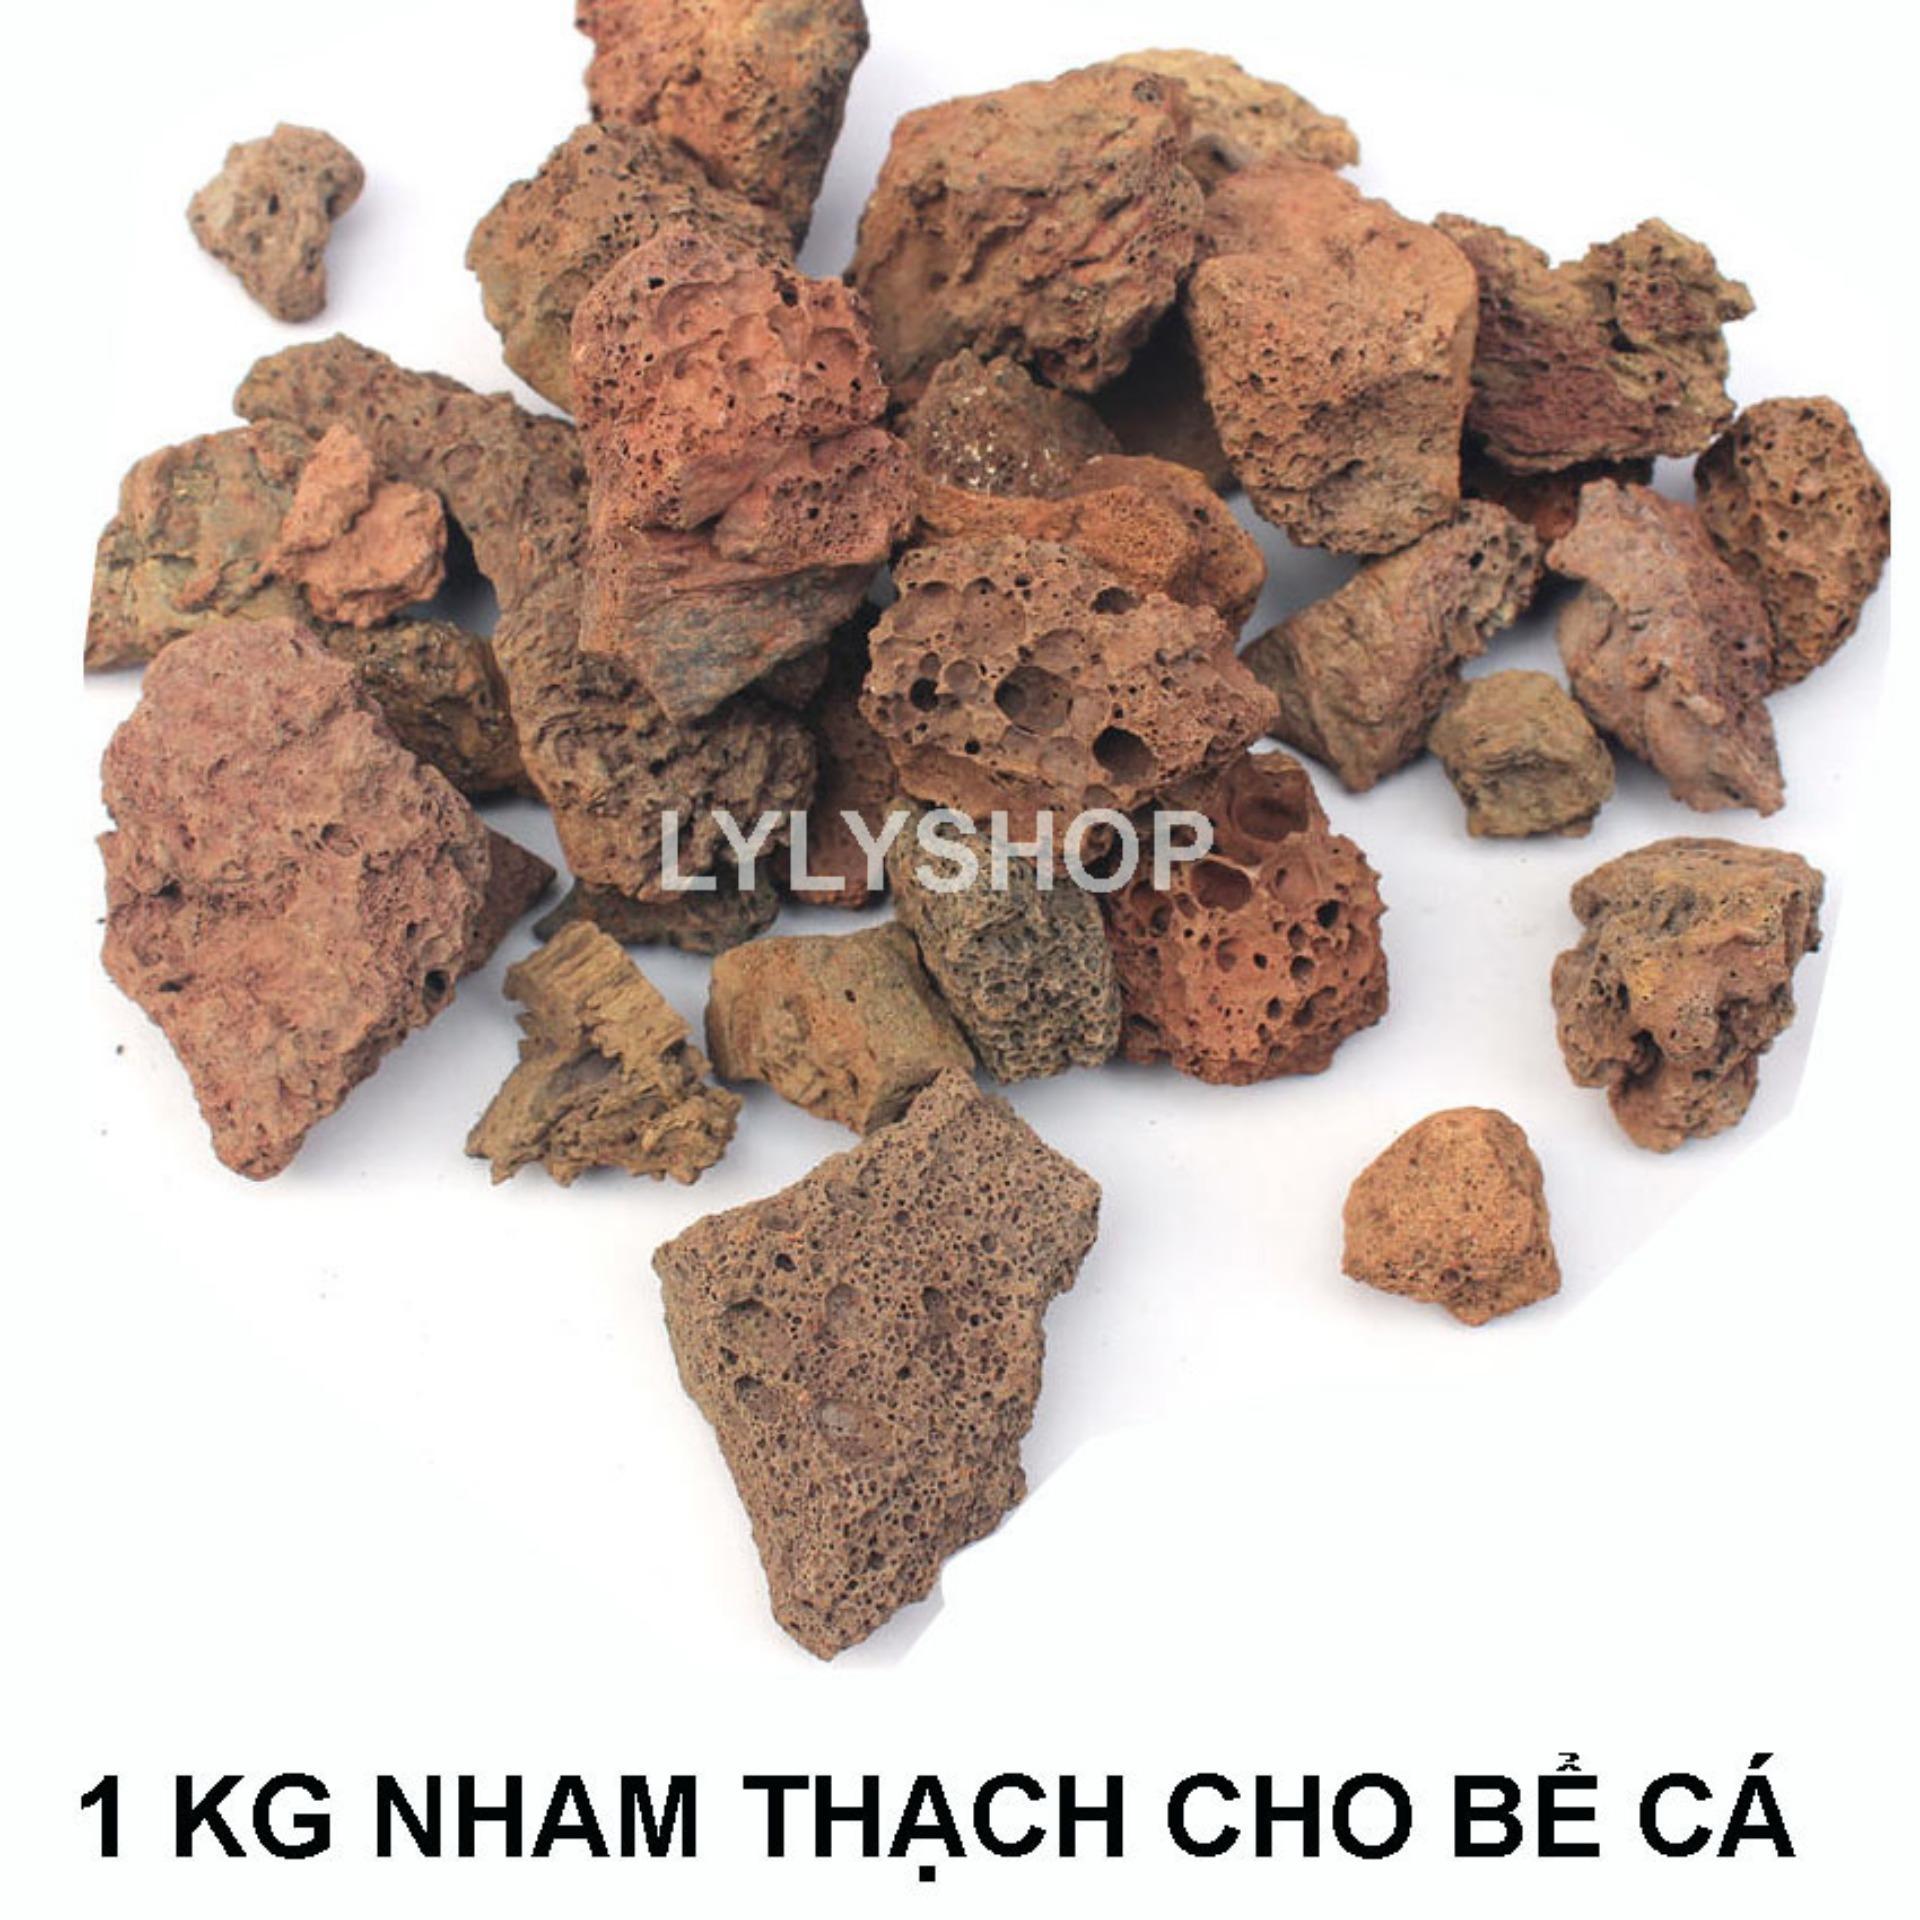 ĐÁ NHAM THẠCH (1kg) vật liệu lọc, trang trí bể cá